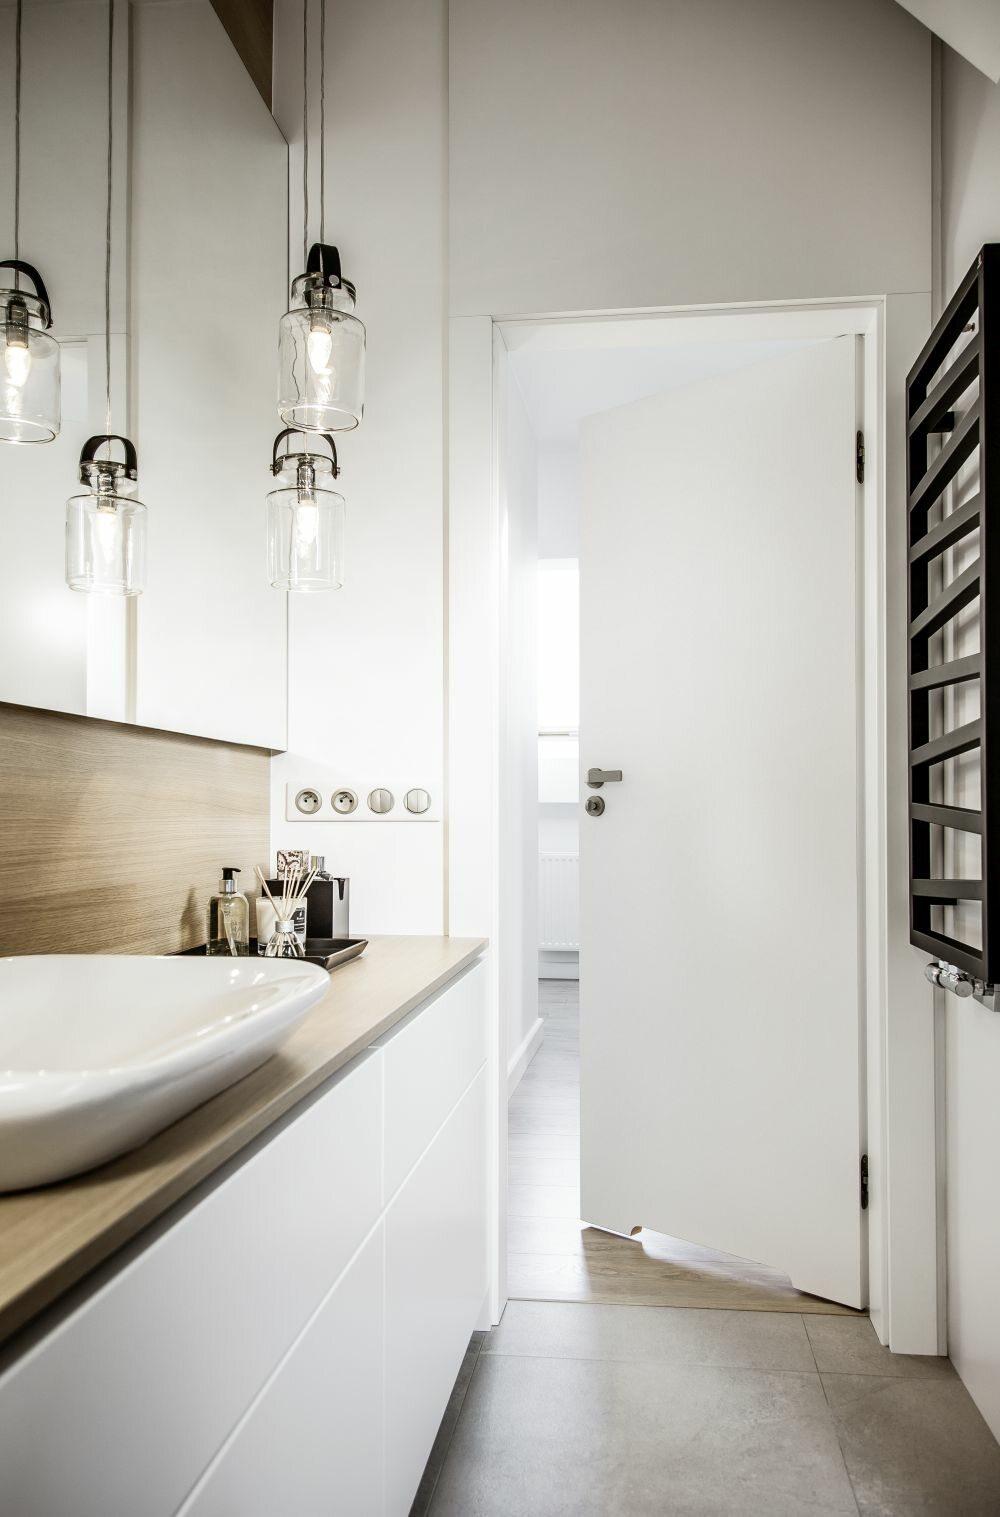 Jak Urządzić Nowoczesną łazienkę Kompletny Poradnik